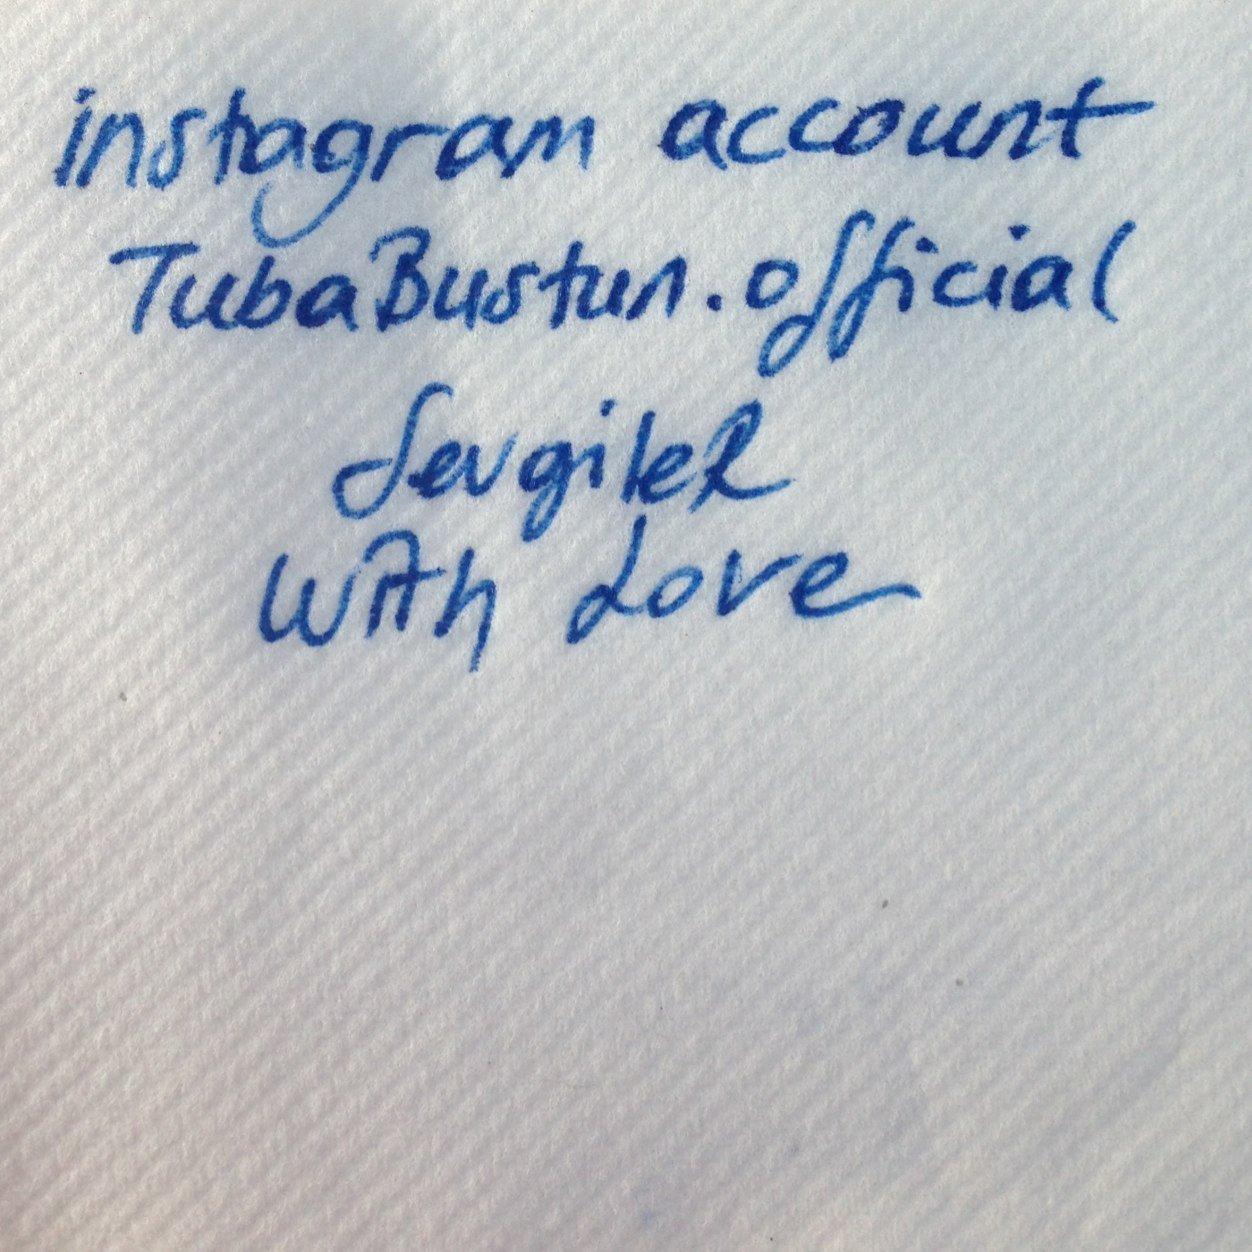 @TubaBustun